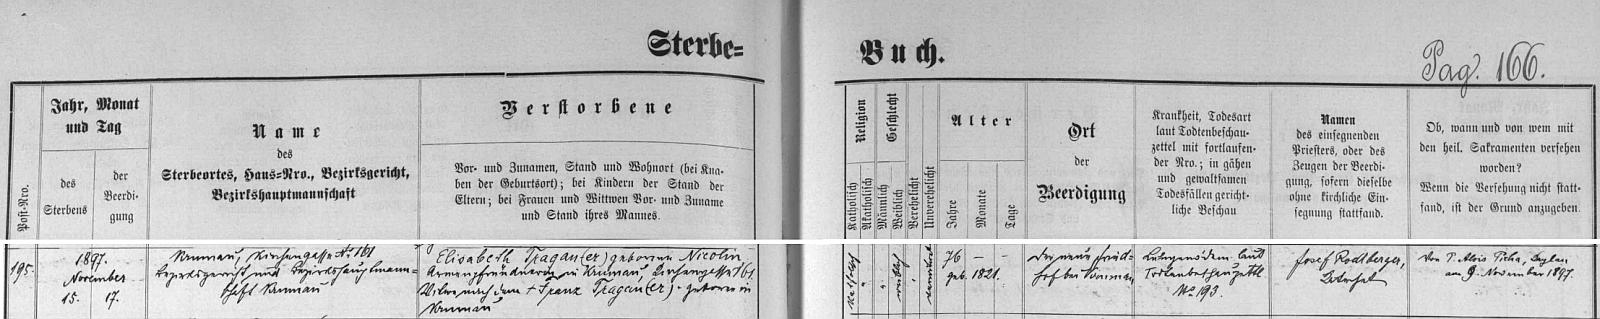 Záznam o matčině skonu v českokrumlovské úmrtní matrice